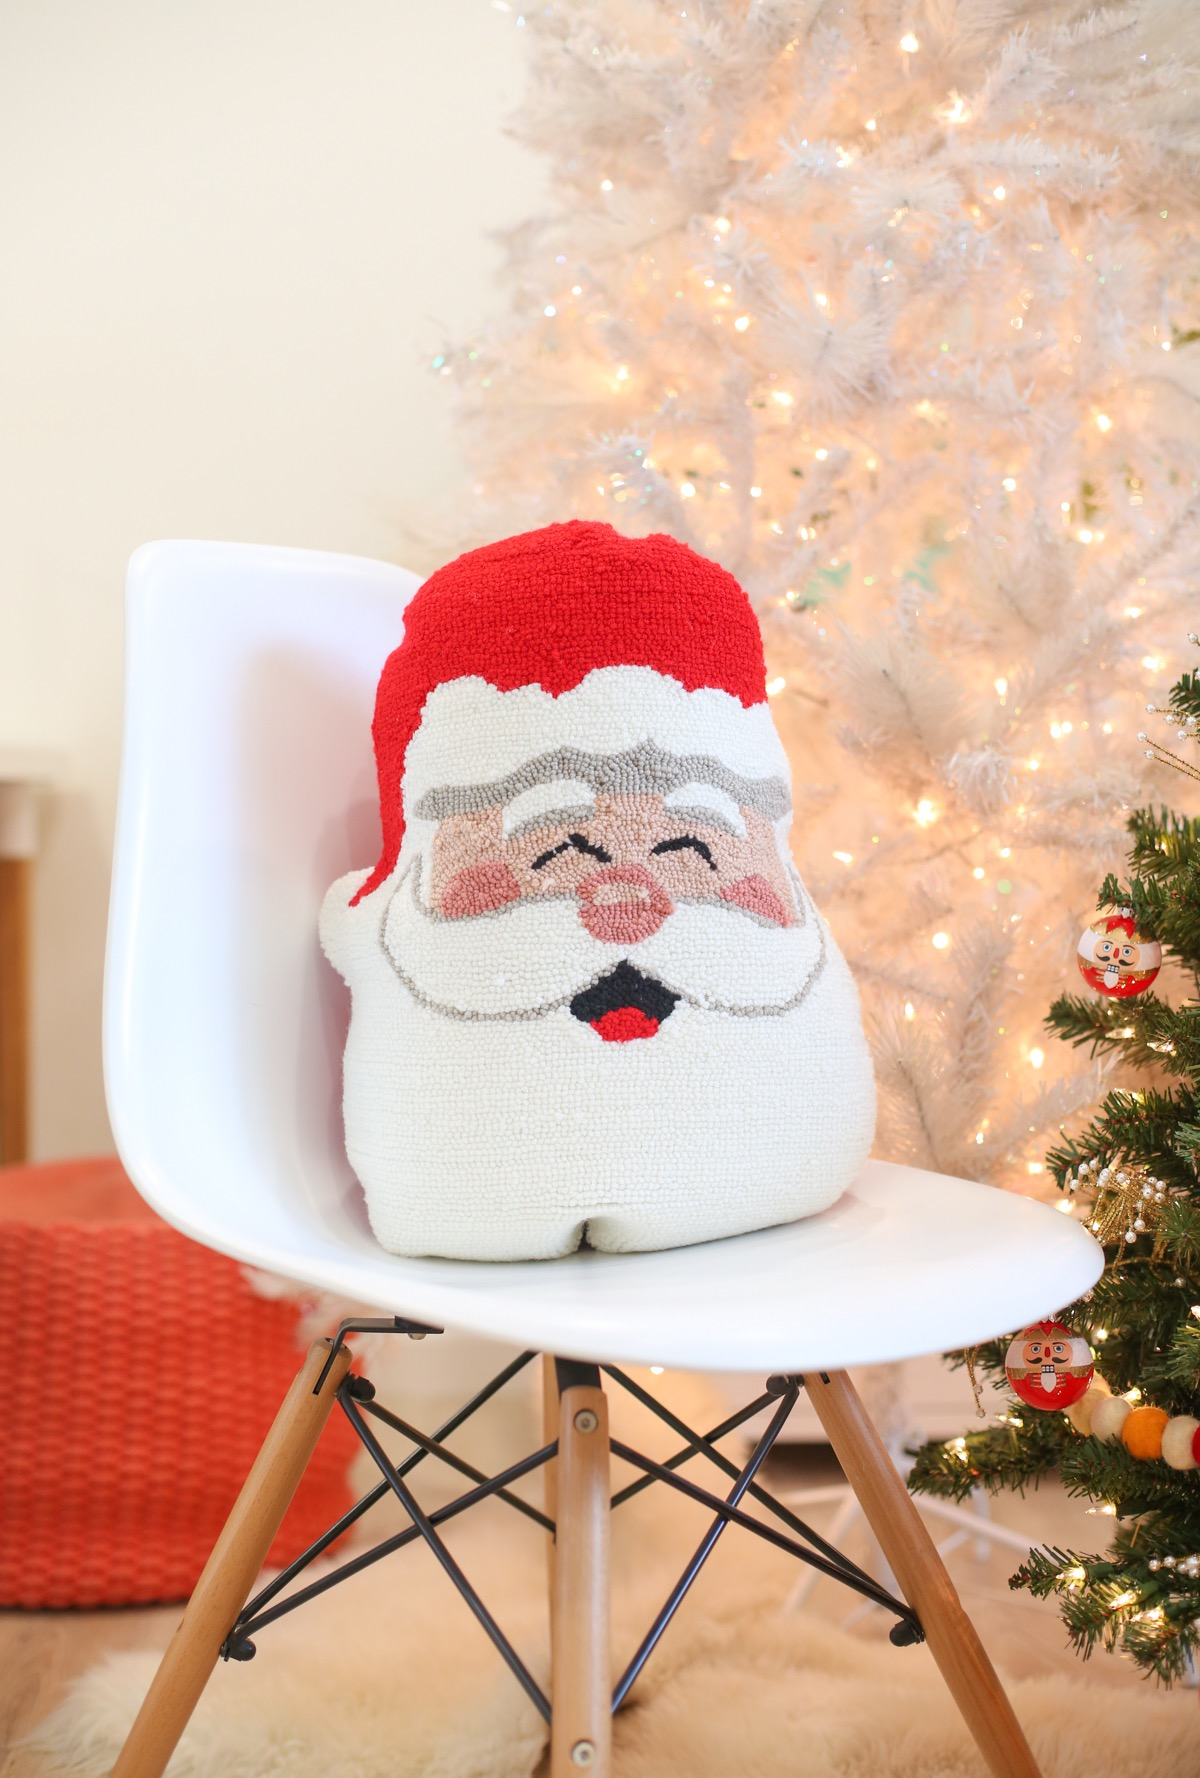 Não basta apenas a decoração de natal, é preciso dizer Feliz Natal